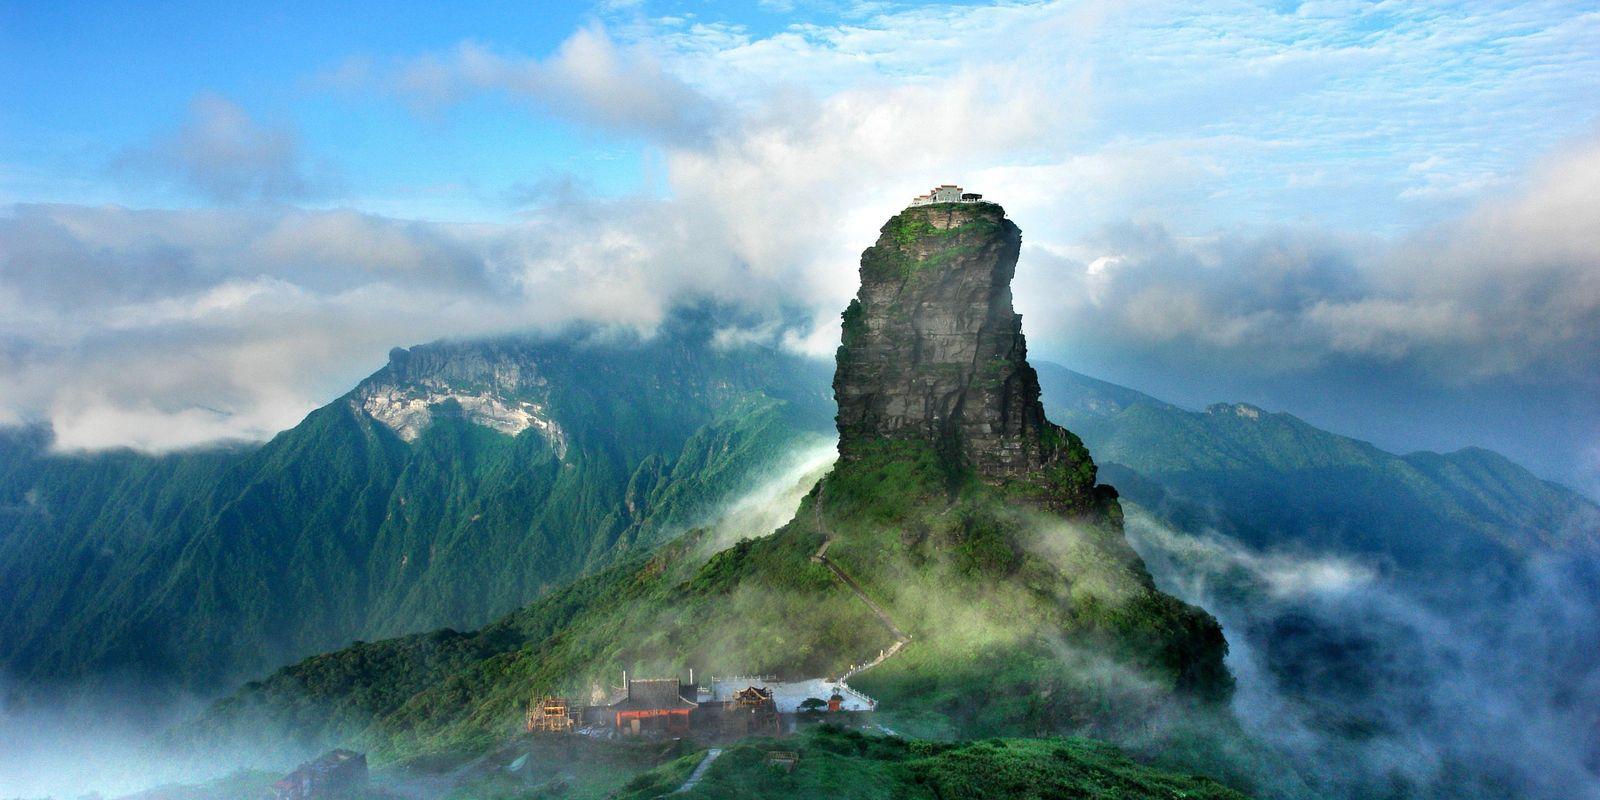 19 nouveaux sites ont été inscrits au patrimoine mondial de l'Unesco